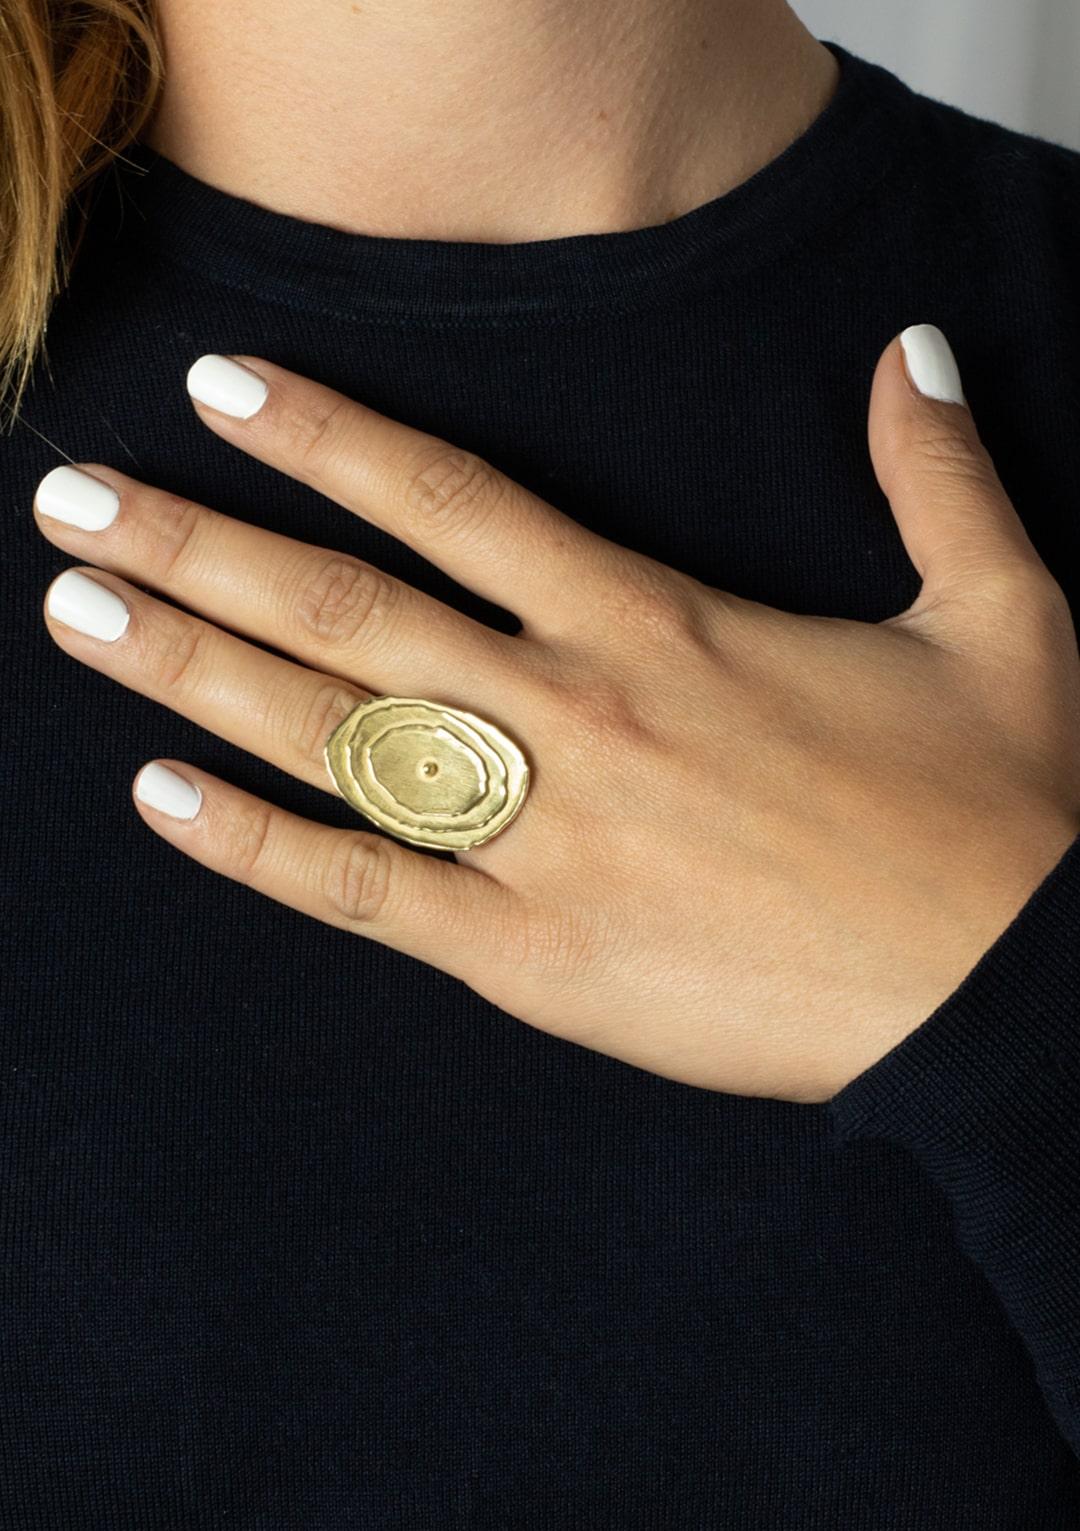 Bague réglable ovale Soleil I argent massif doré à l'or 18 carats I Elliade I vue portée I Label AÉ Paris